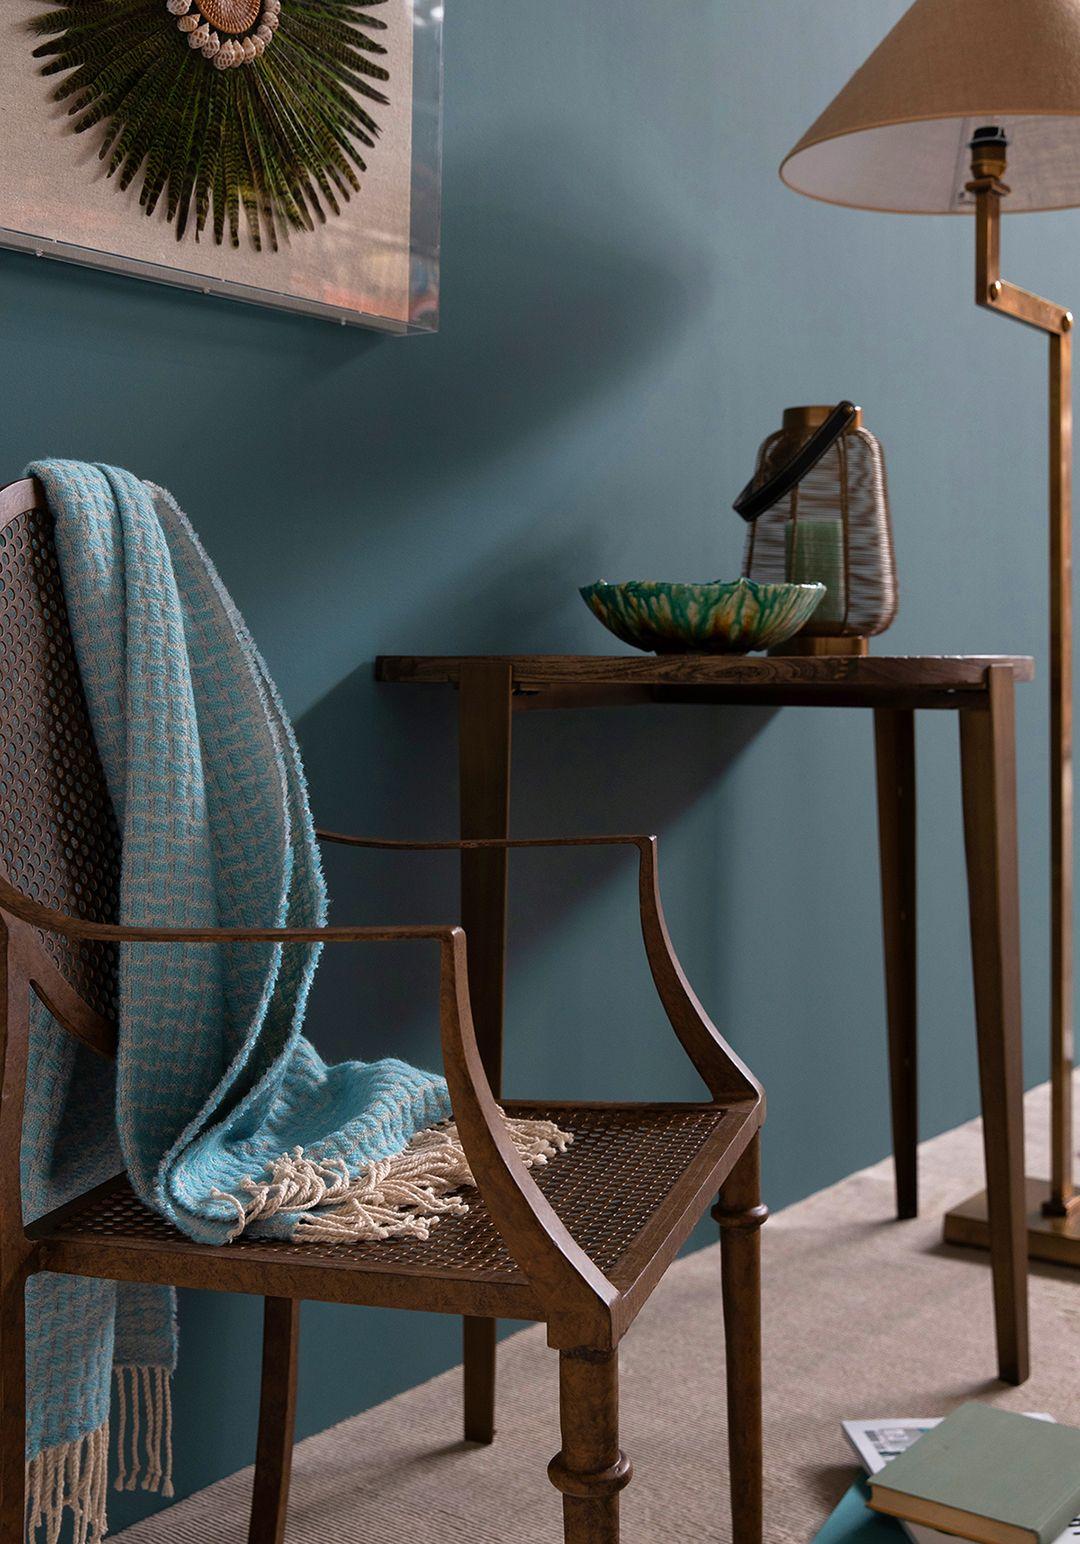 Teintes Flamant By Tollens 2020 En 2020 Deco Chambre Parentale Moderne Deco Maison Interieur Deco Chambre A Coucher